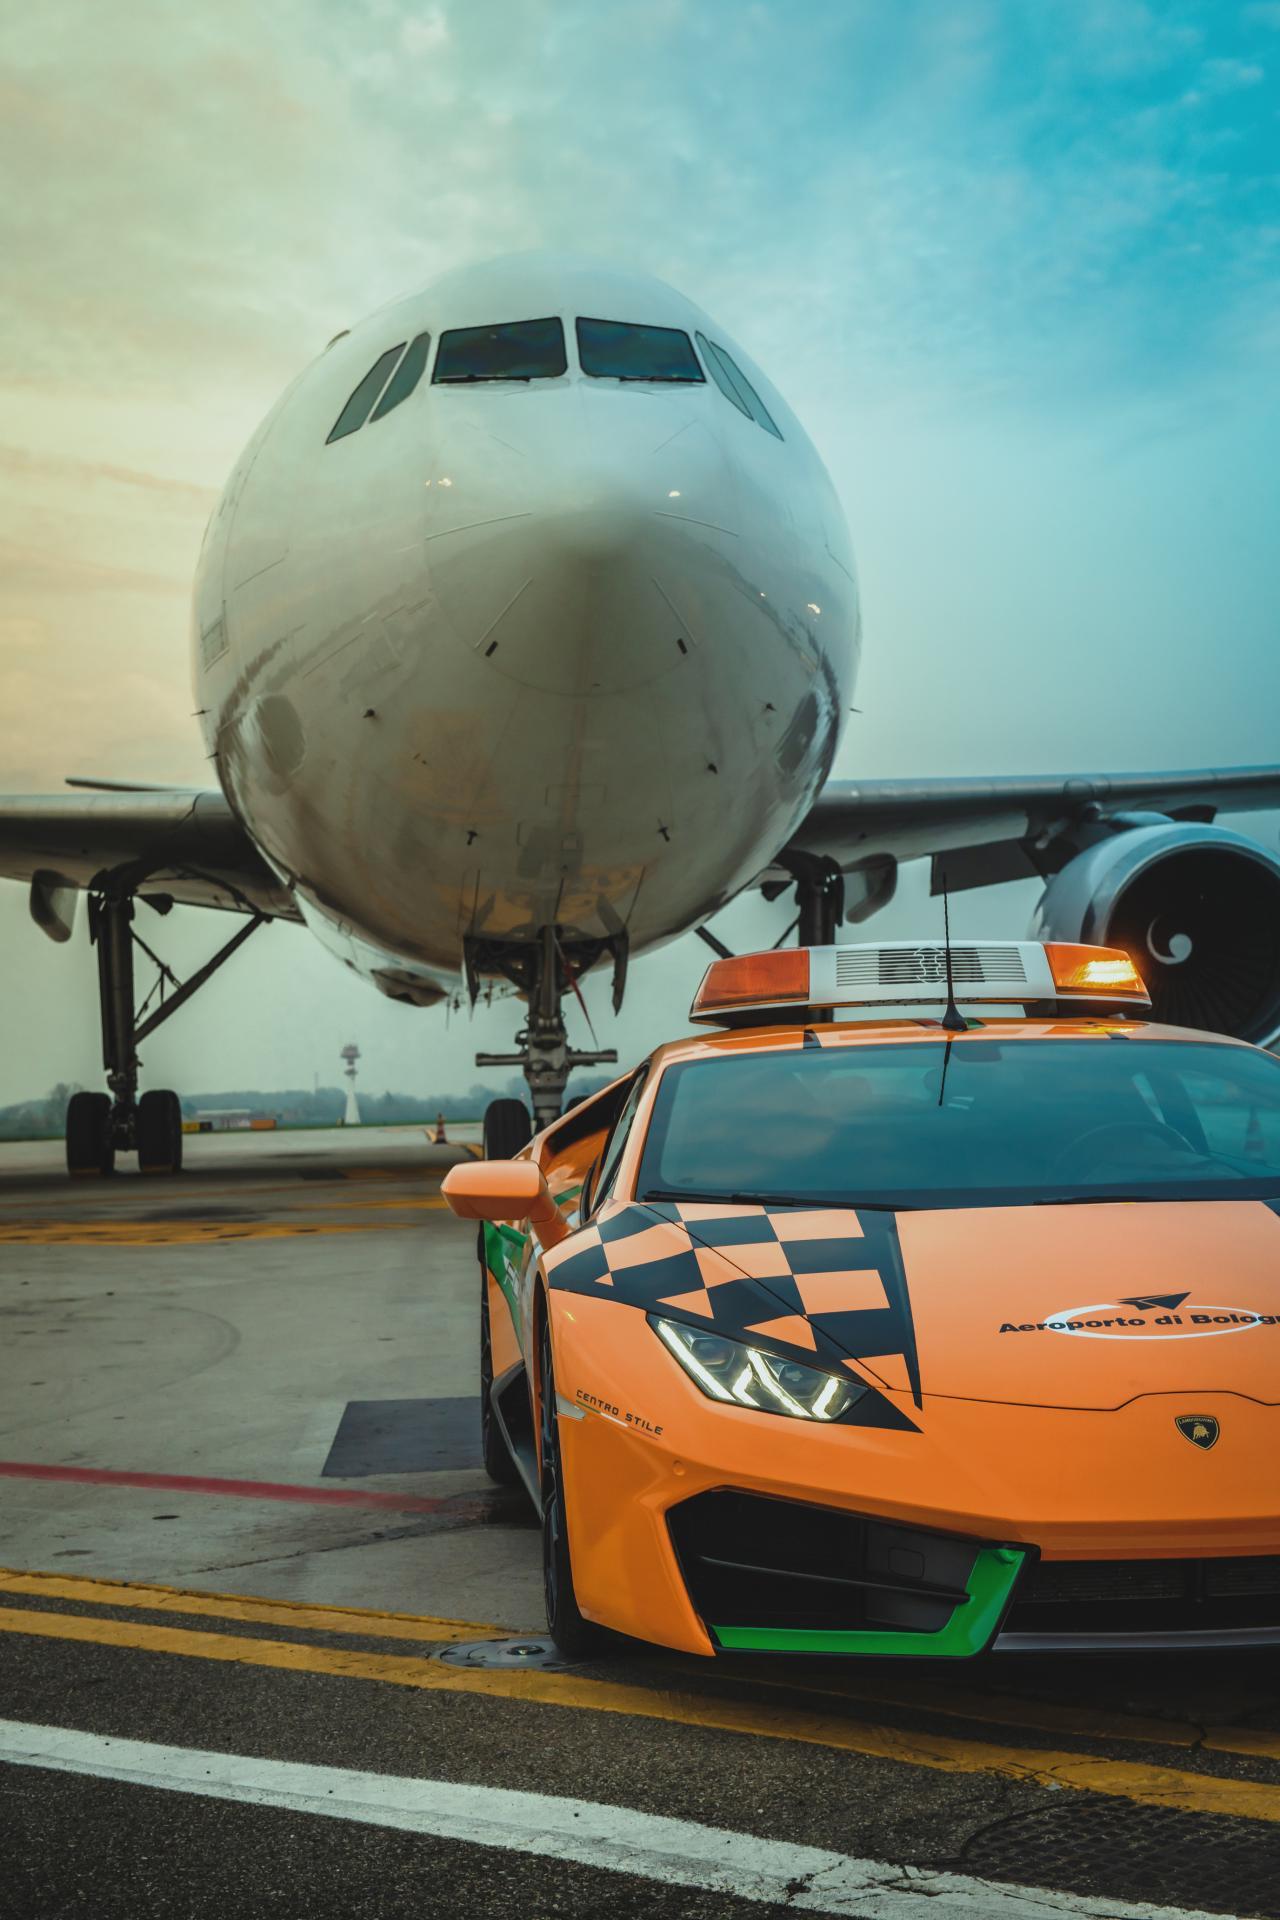 Lamborghini-Huracan-RWD-Follow-Me-Car-Bologna-Airport-12